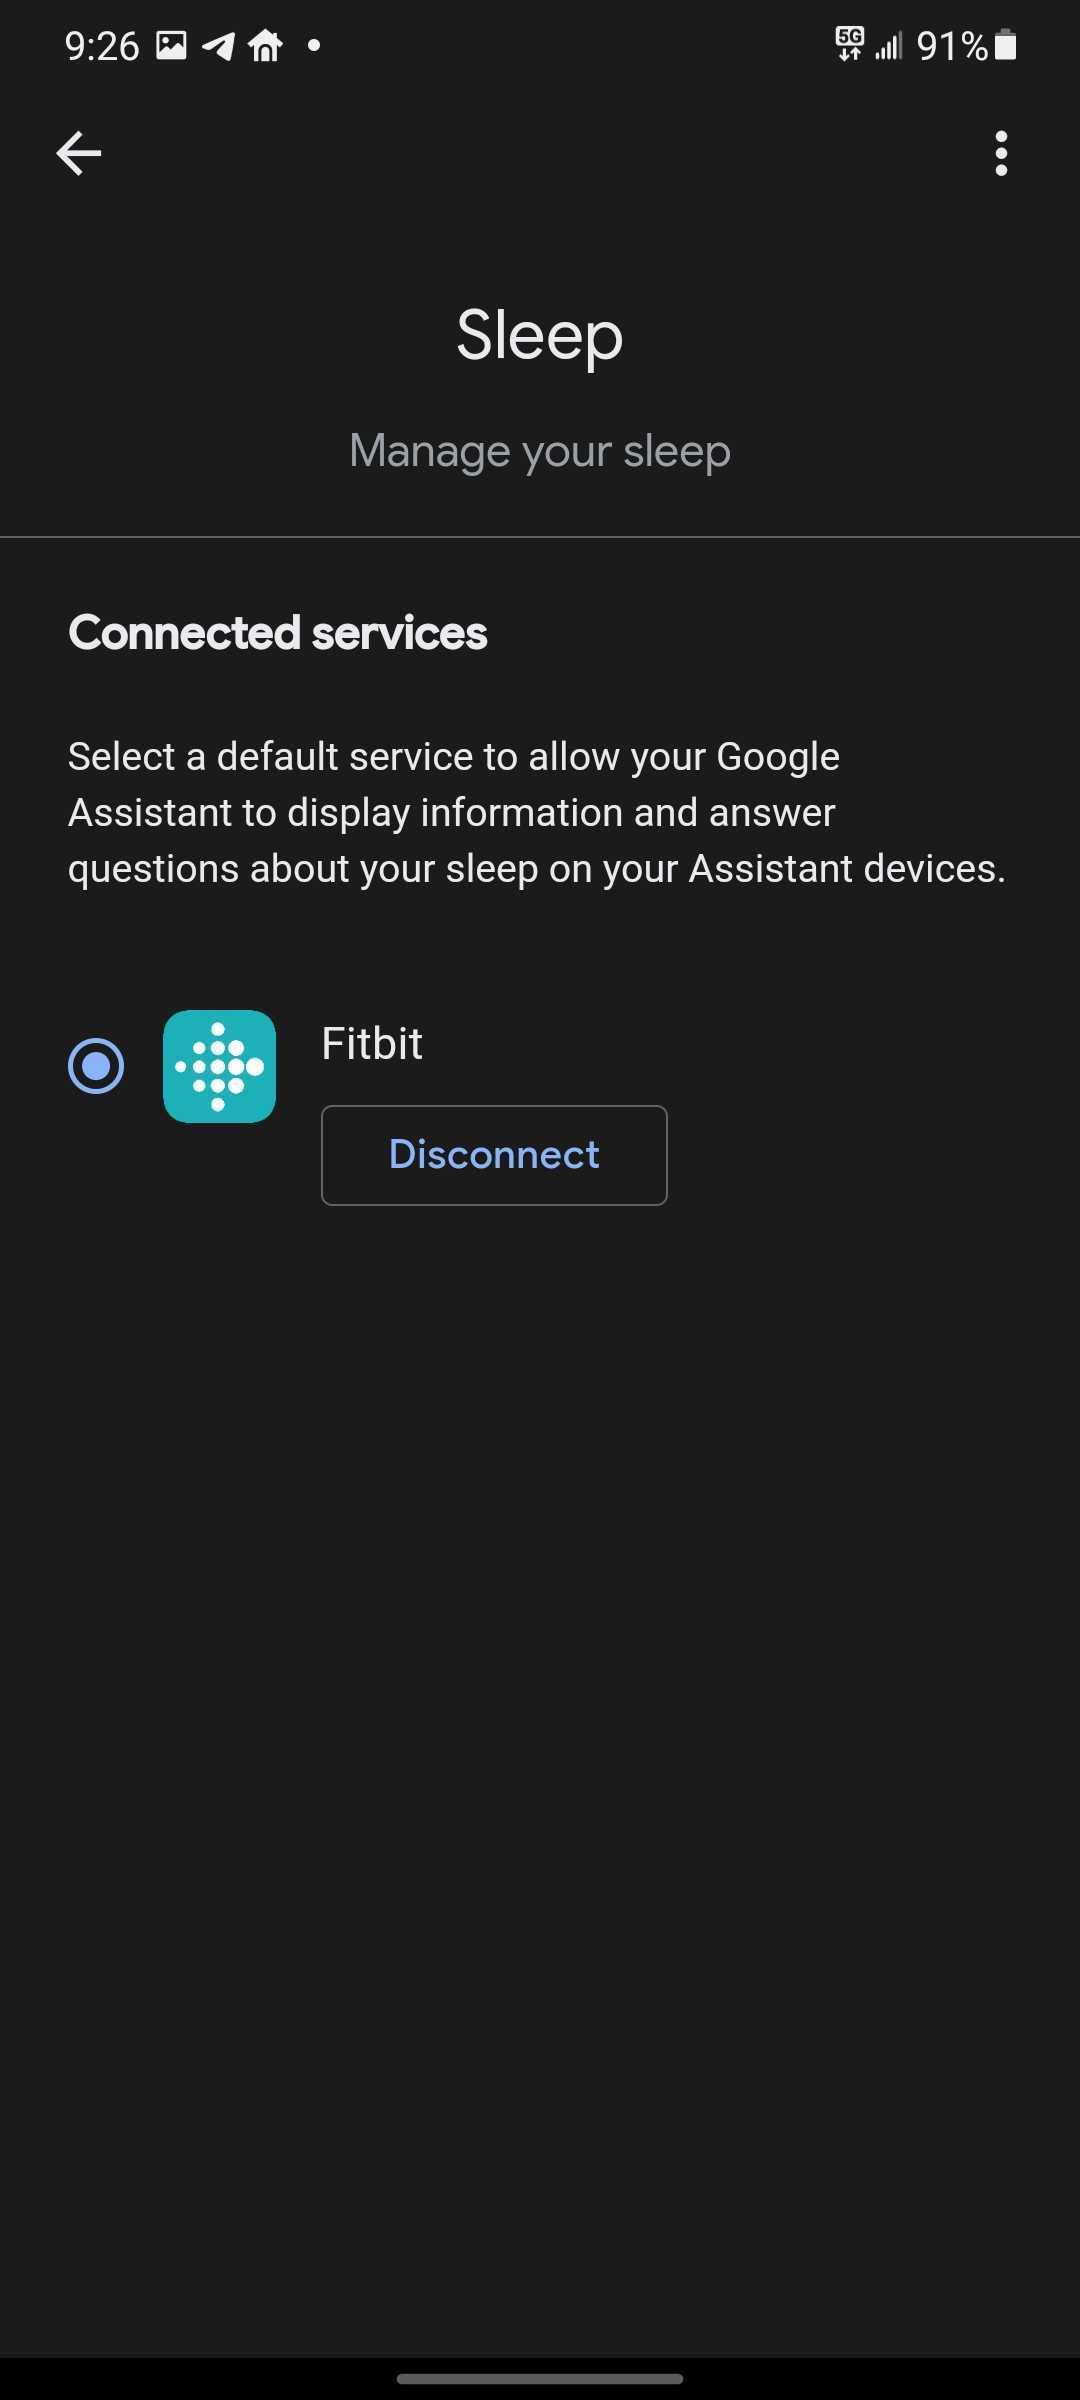 Asystent Google wyświetli dane o naszym zdrowiu i kondycji